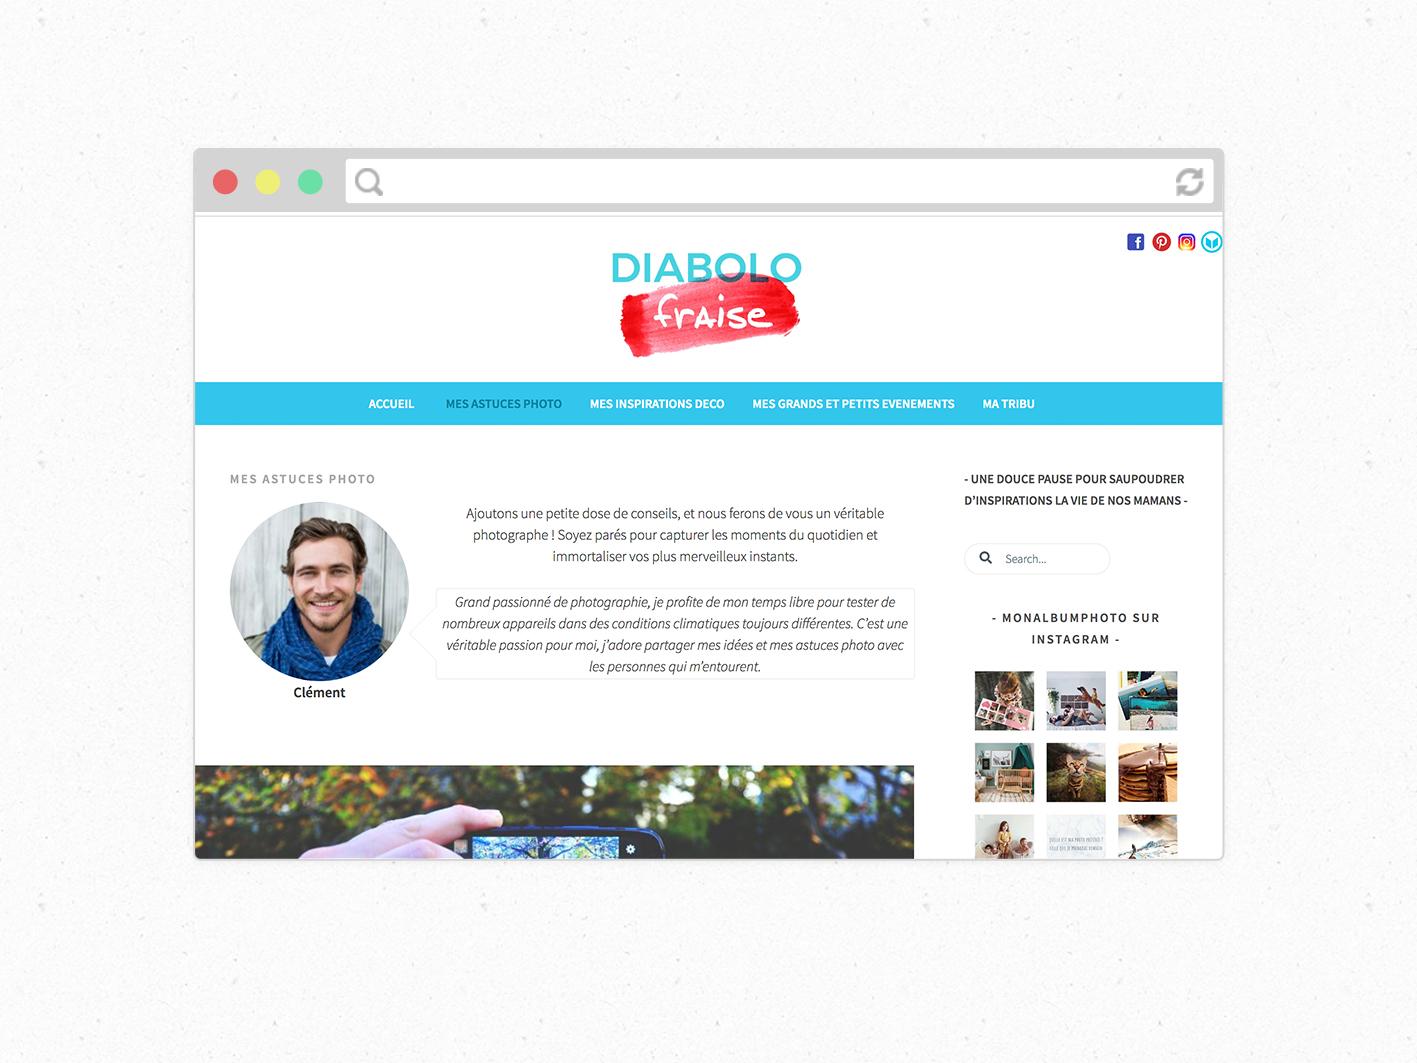 blog_diabolo_fraise